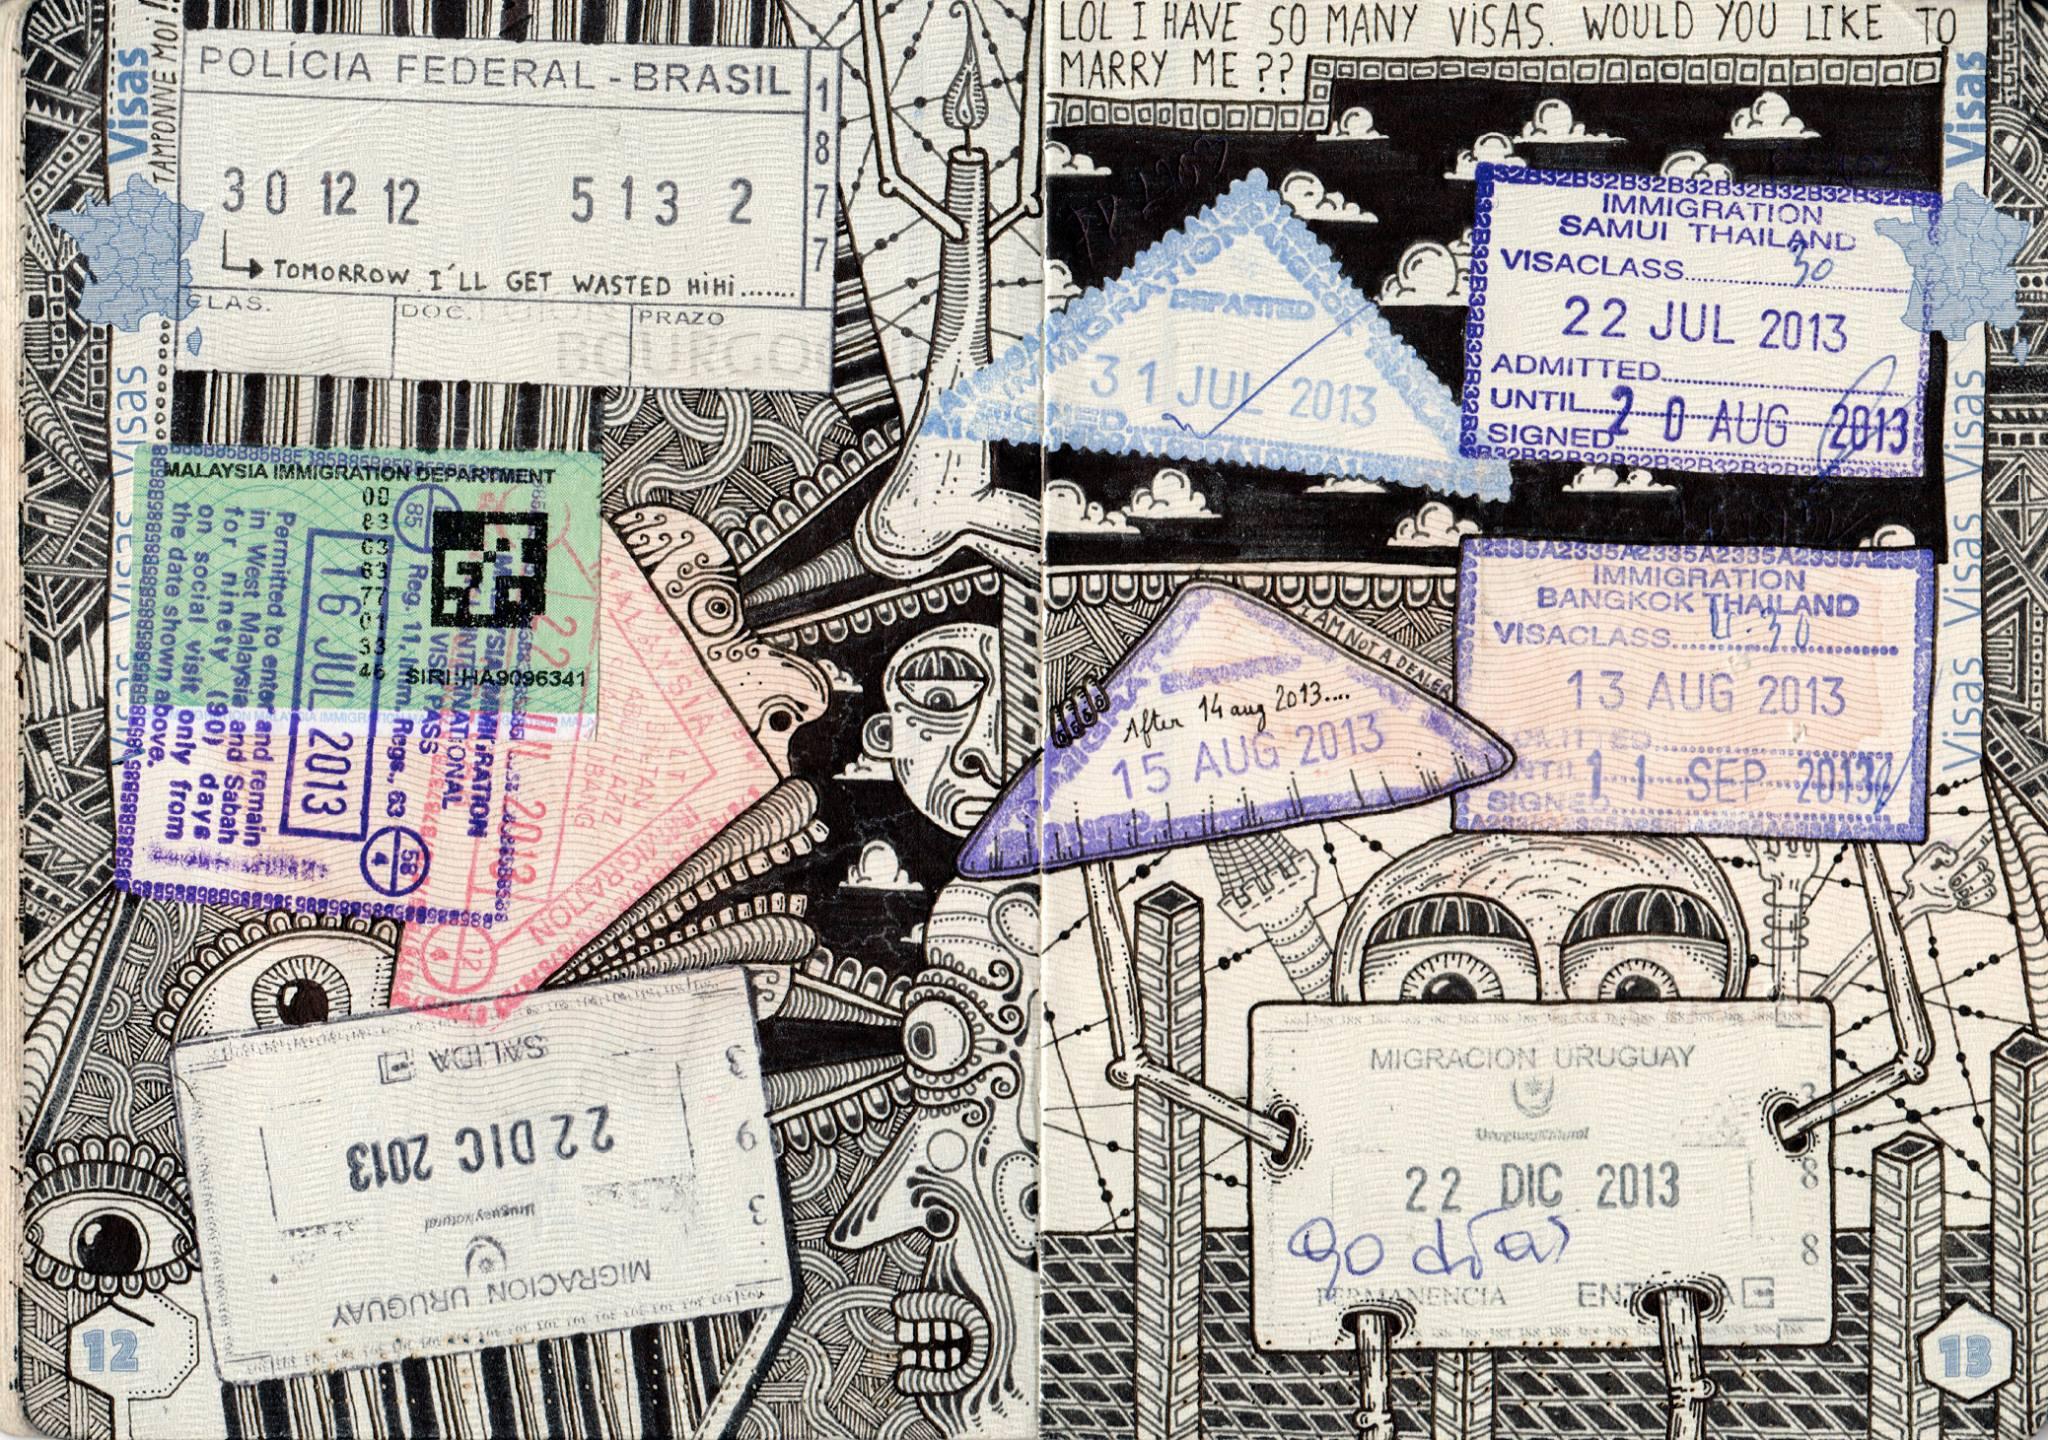 passport illustration 4